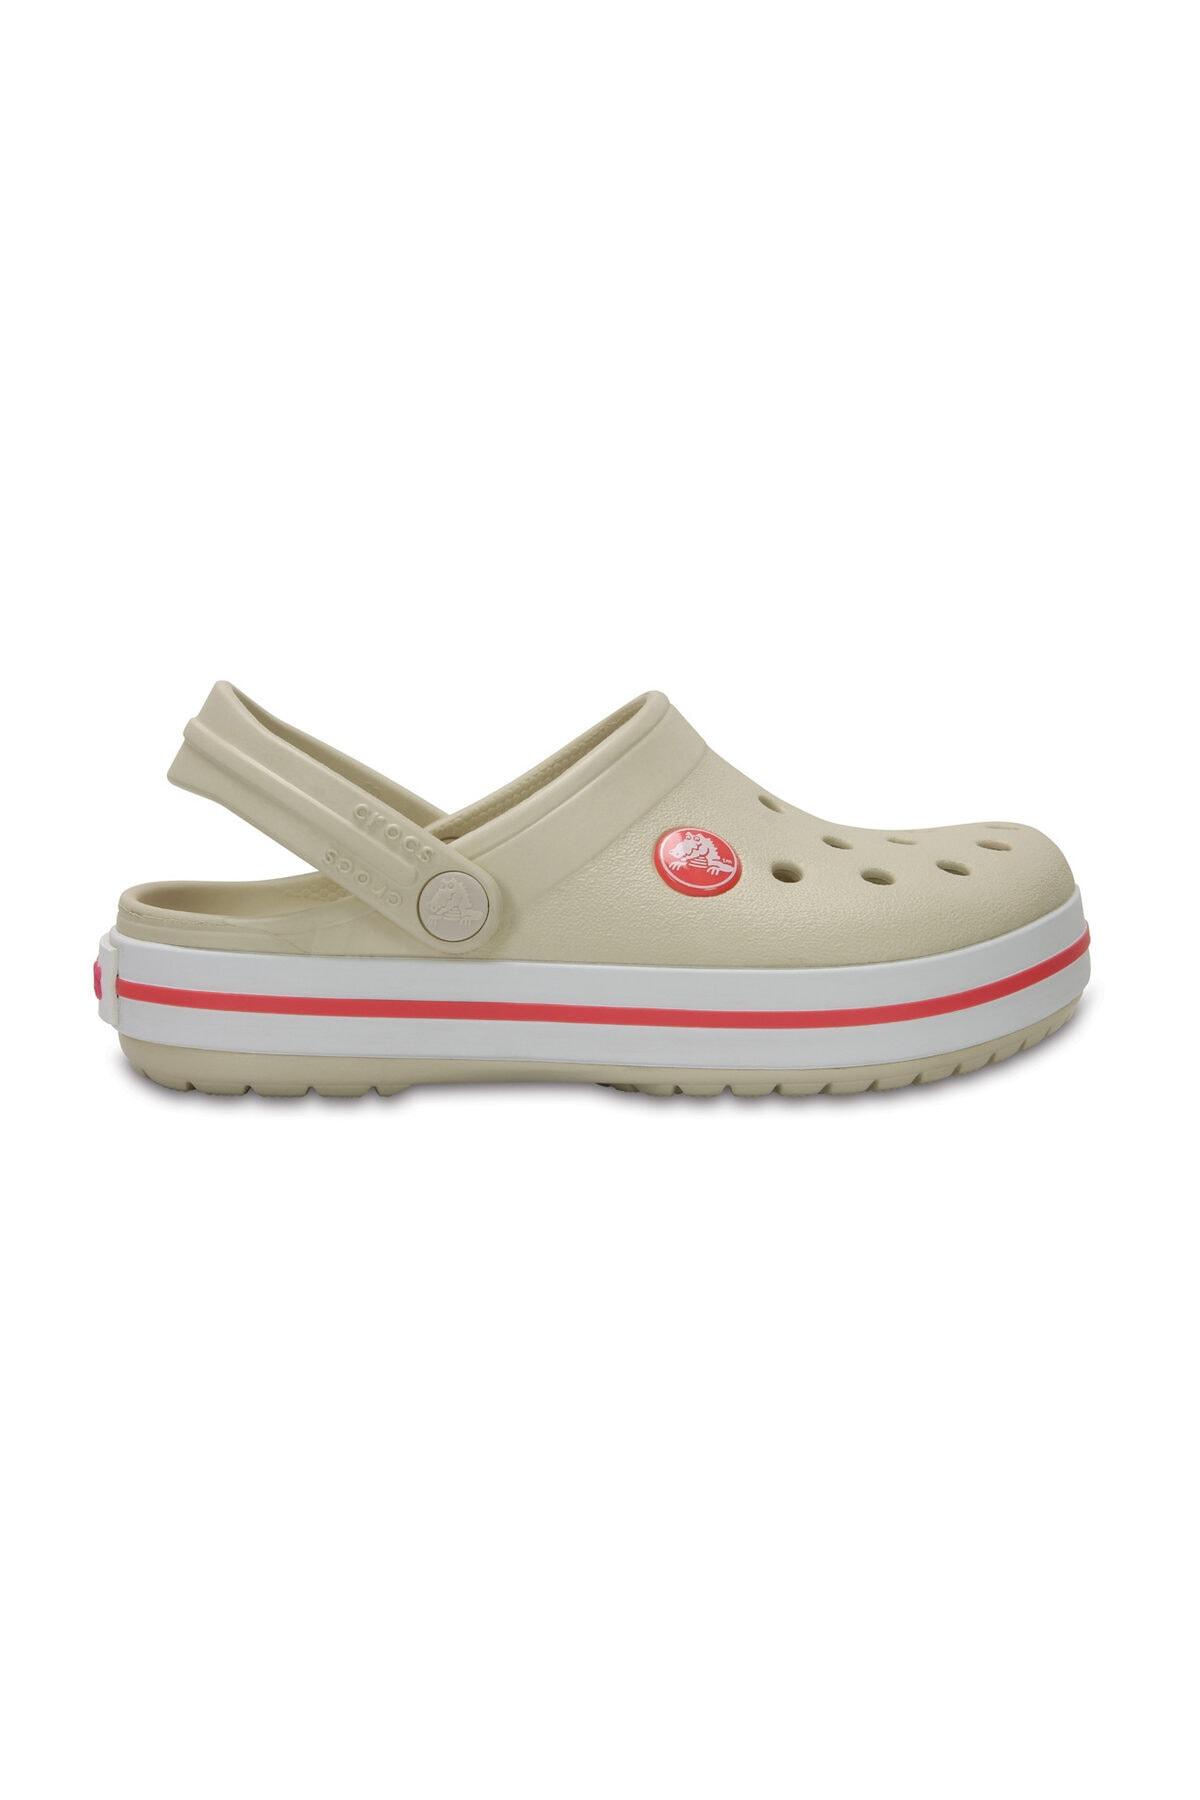 دمپایی خاص بچه گانه پسرانه برند Crocs Kids رنگ بژ کد ty2363840